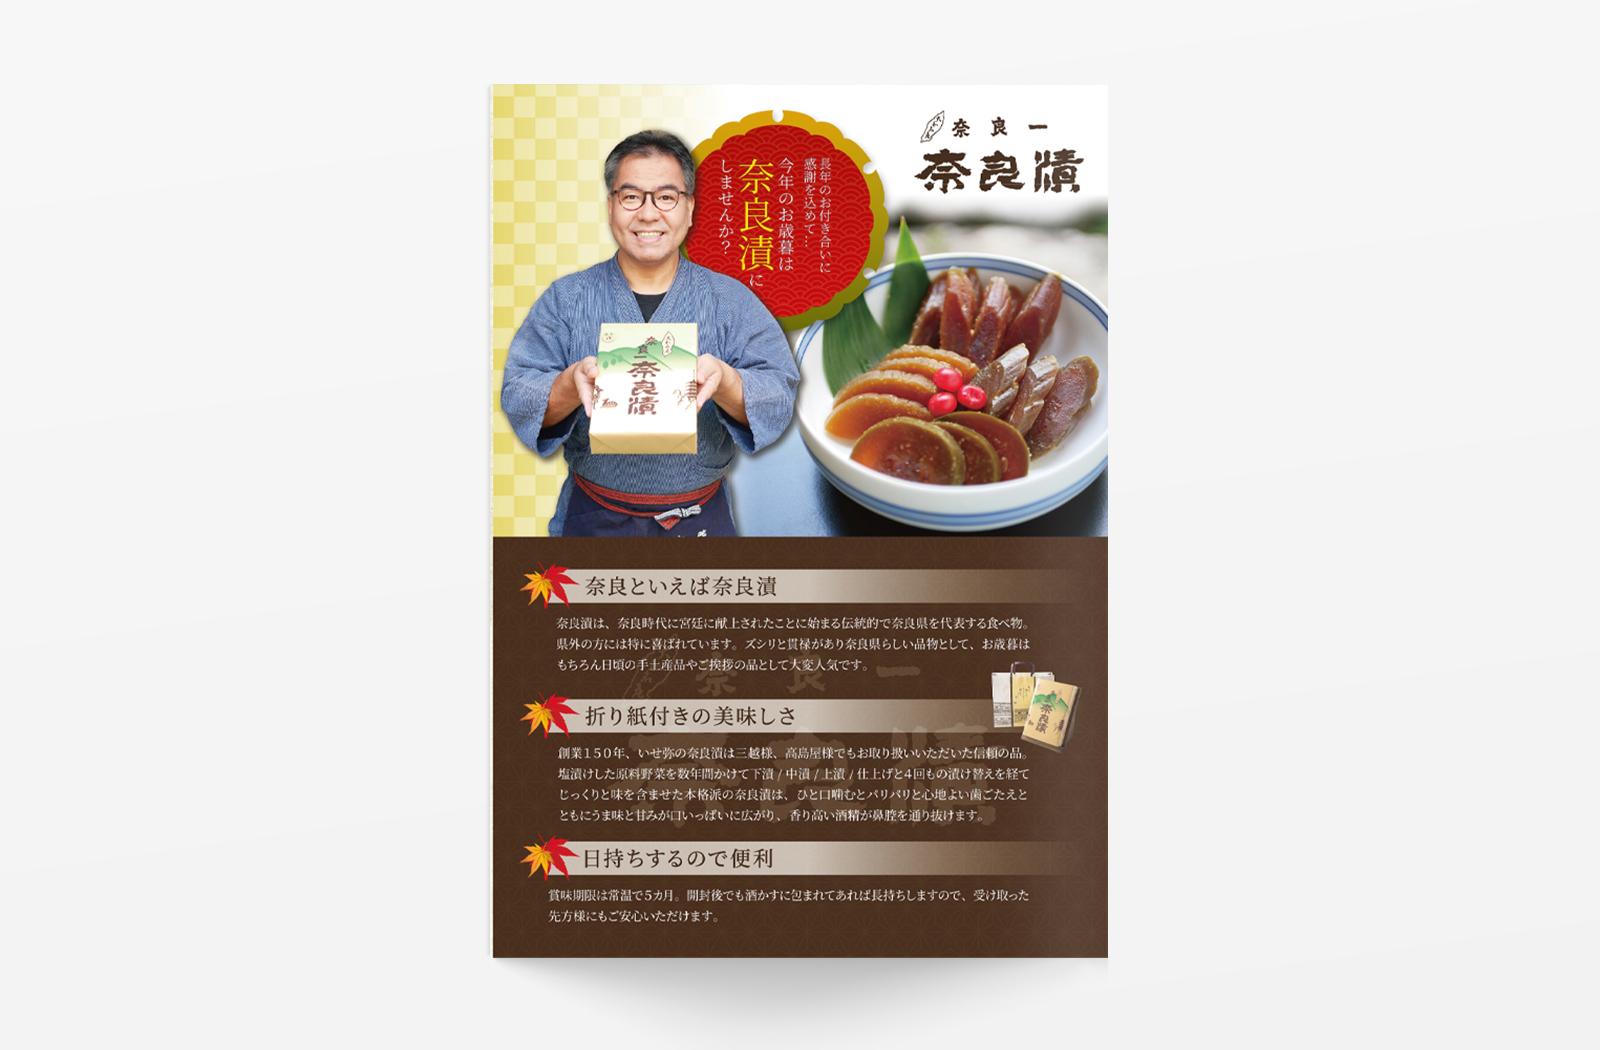 奈良一奈良漬 いせ弥様の江戸東京コーヒーのカタログデザイン